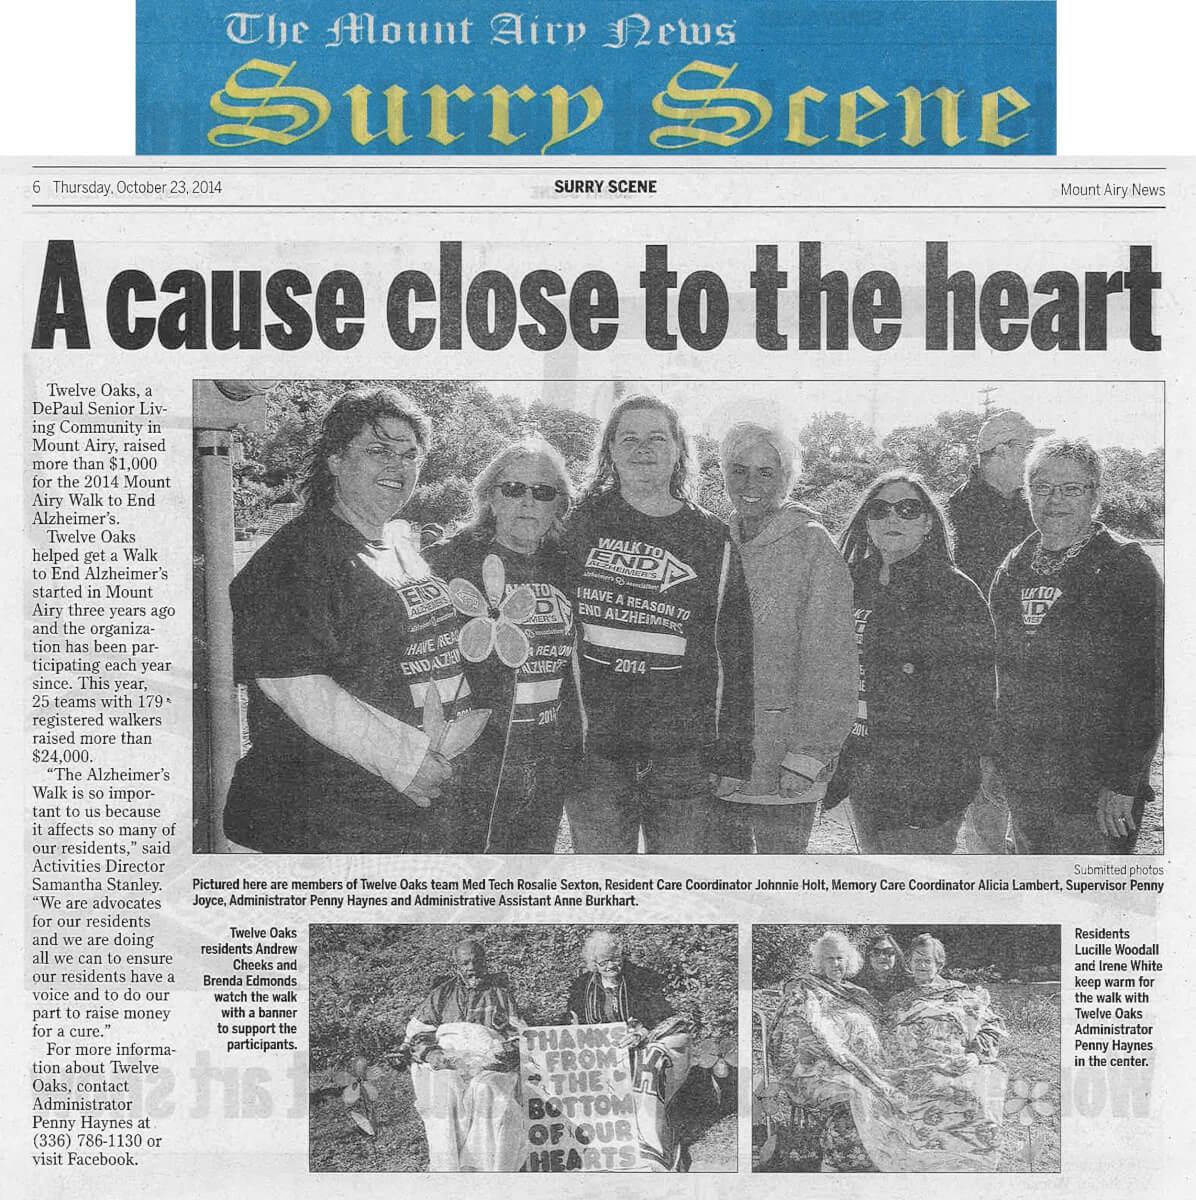 Twelve Oaks Senior Living Raises money for Alzheimer's Walk article in the Mt. Airy News October 23, 2014